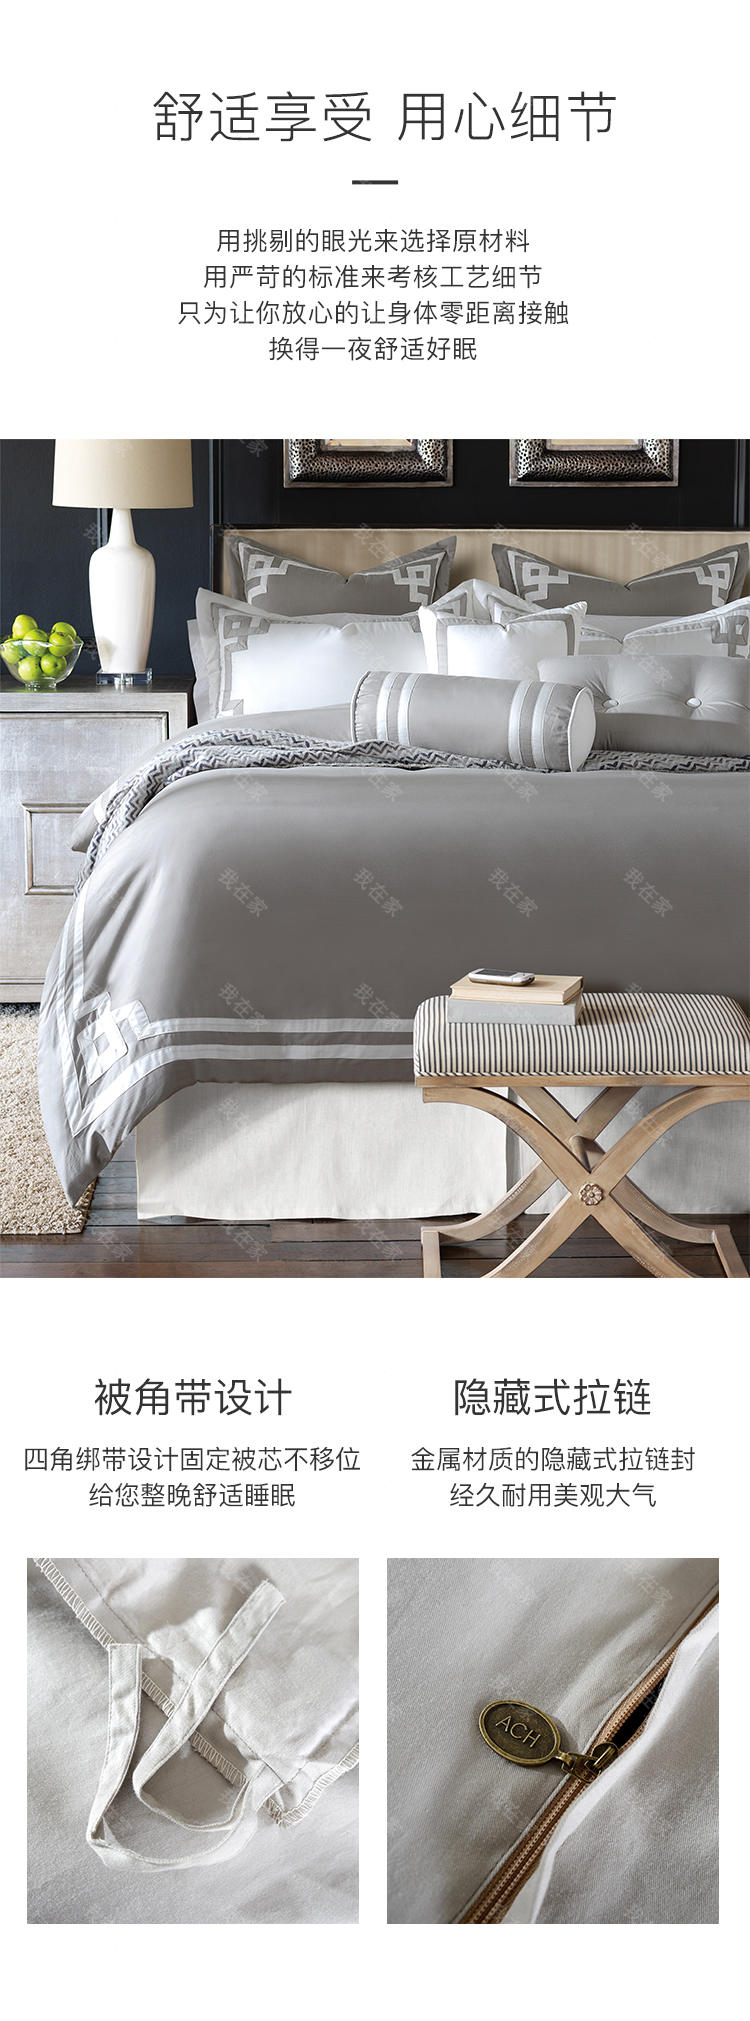 carolina home品牌爱丝魅全棉床品套件的详细介绍